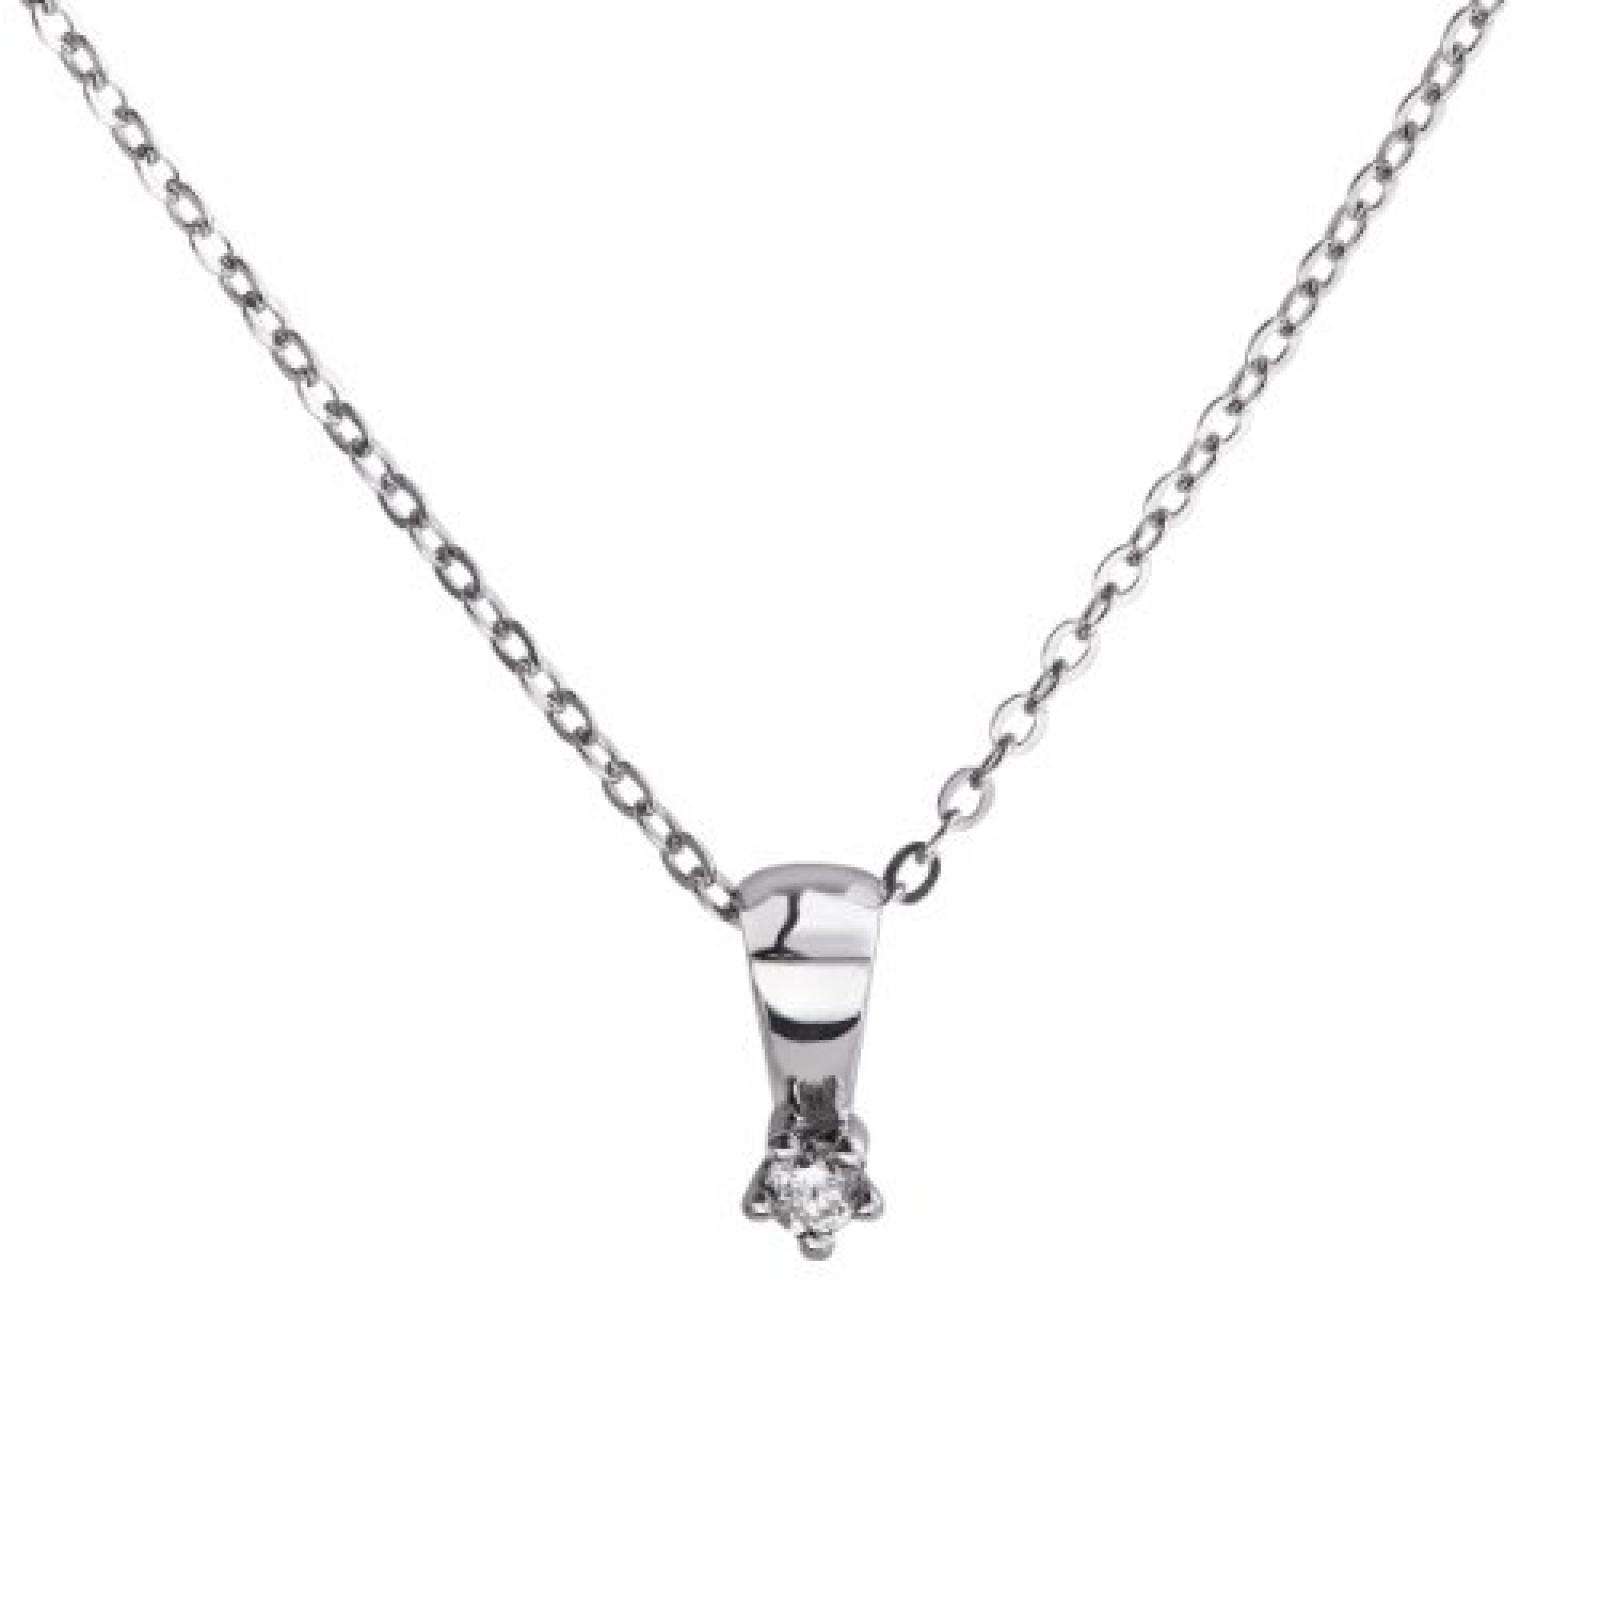 Celesta Damen-Halskette 925 Sterling Silber 45cm Zwischenöse bei 42cm 1 Brillanten 0,05ct. 500244547-45-1